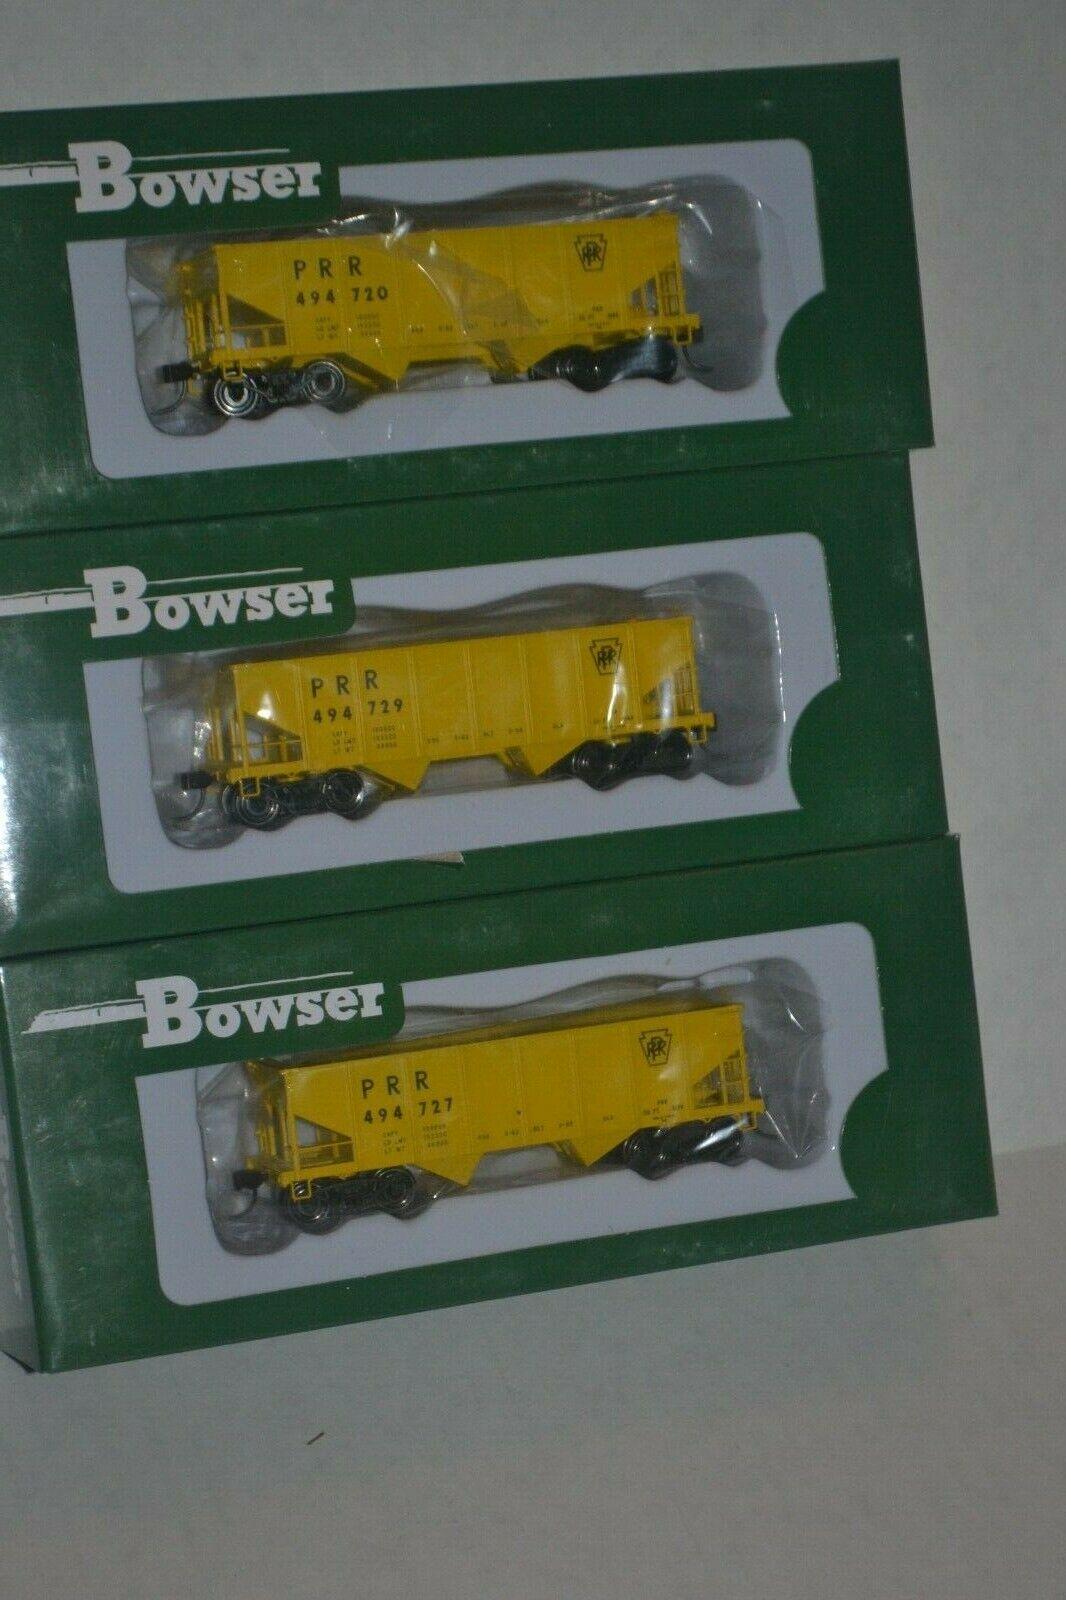 3 Bowser Pennsylvania MOW 2Bay GLa Type hopper Ho Scale 41902, 41903, 41904